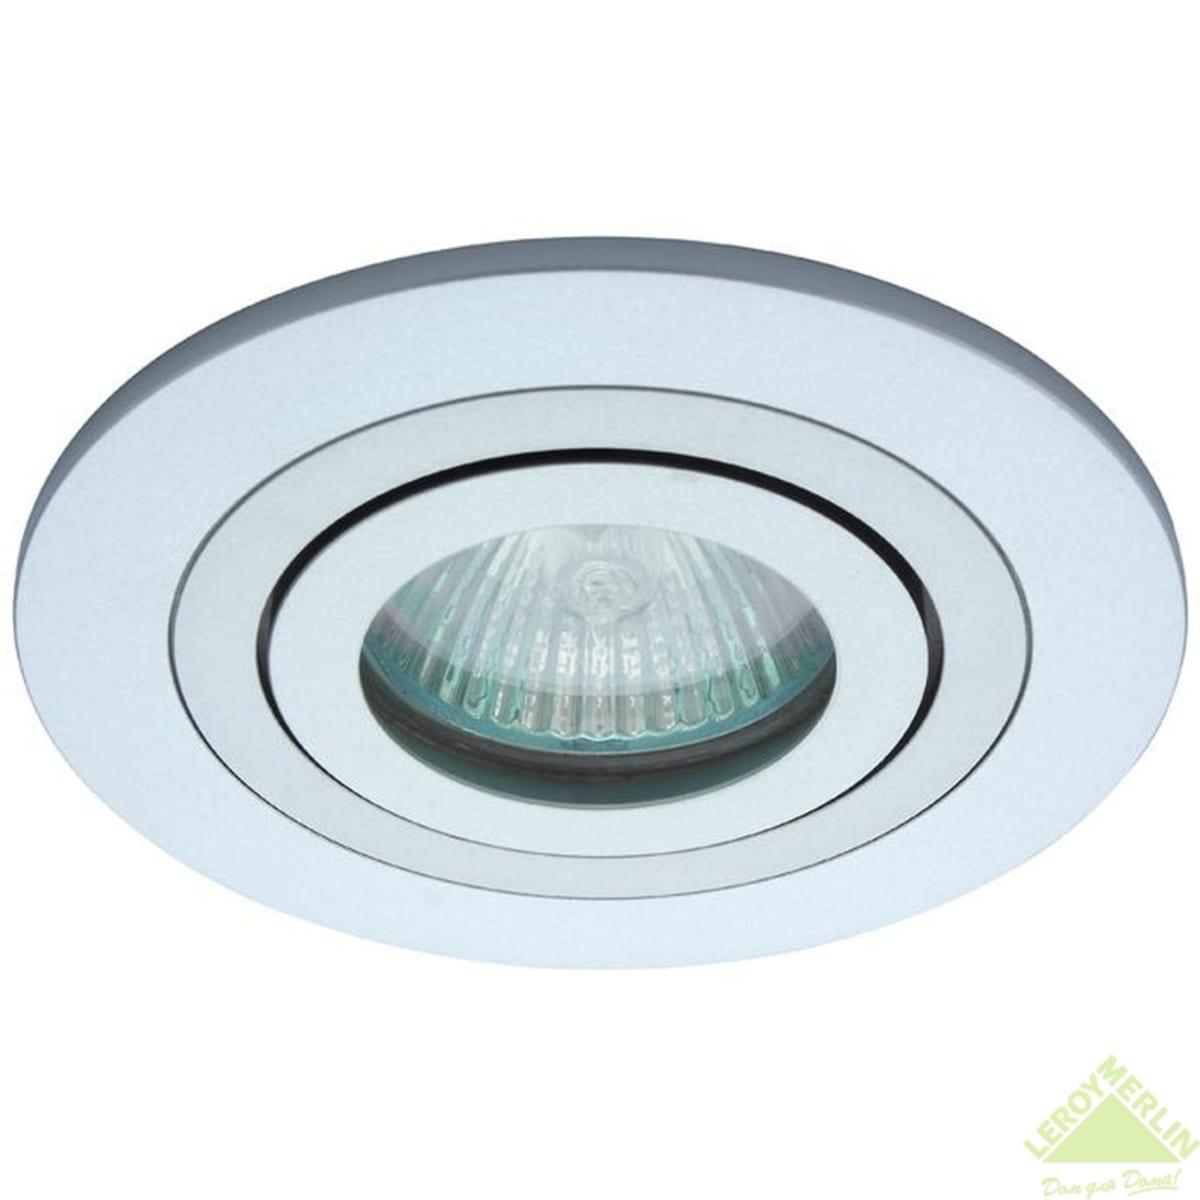 Спот встраиваемый поворотный Power Light 6215/1-4SCH, GU5.3, 50 Вт, цвет матовый хром